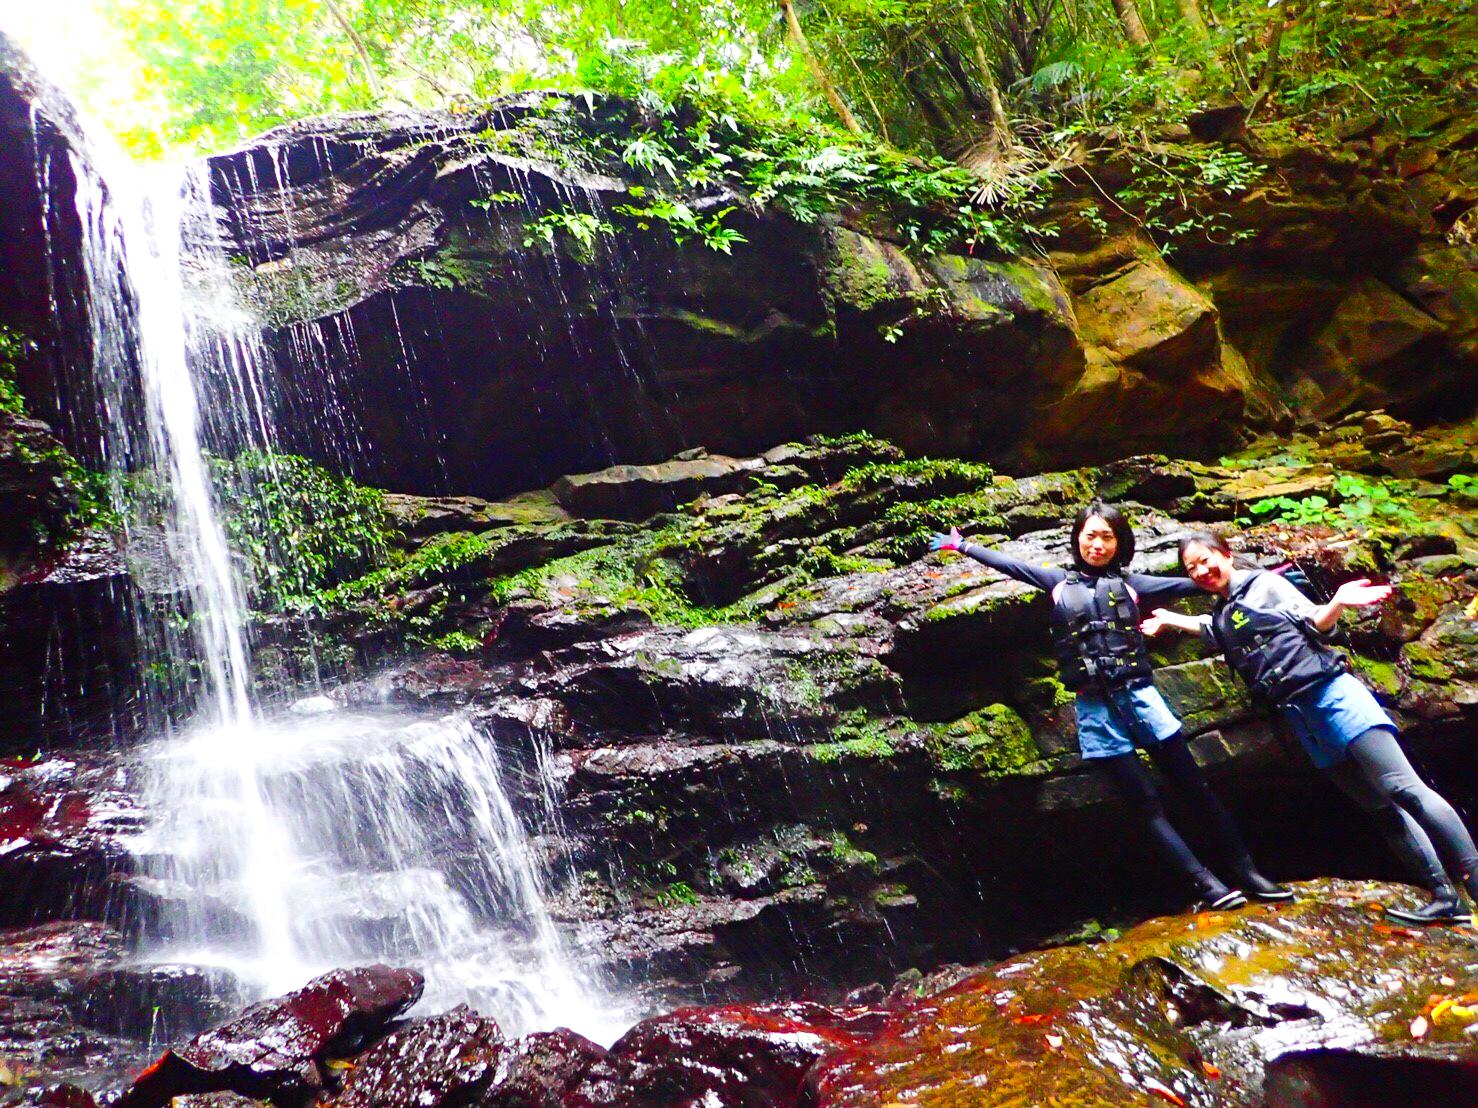 吹通川の滝の前でポーズをとる女性2人